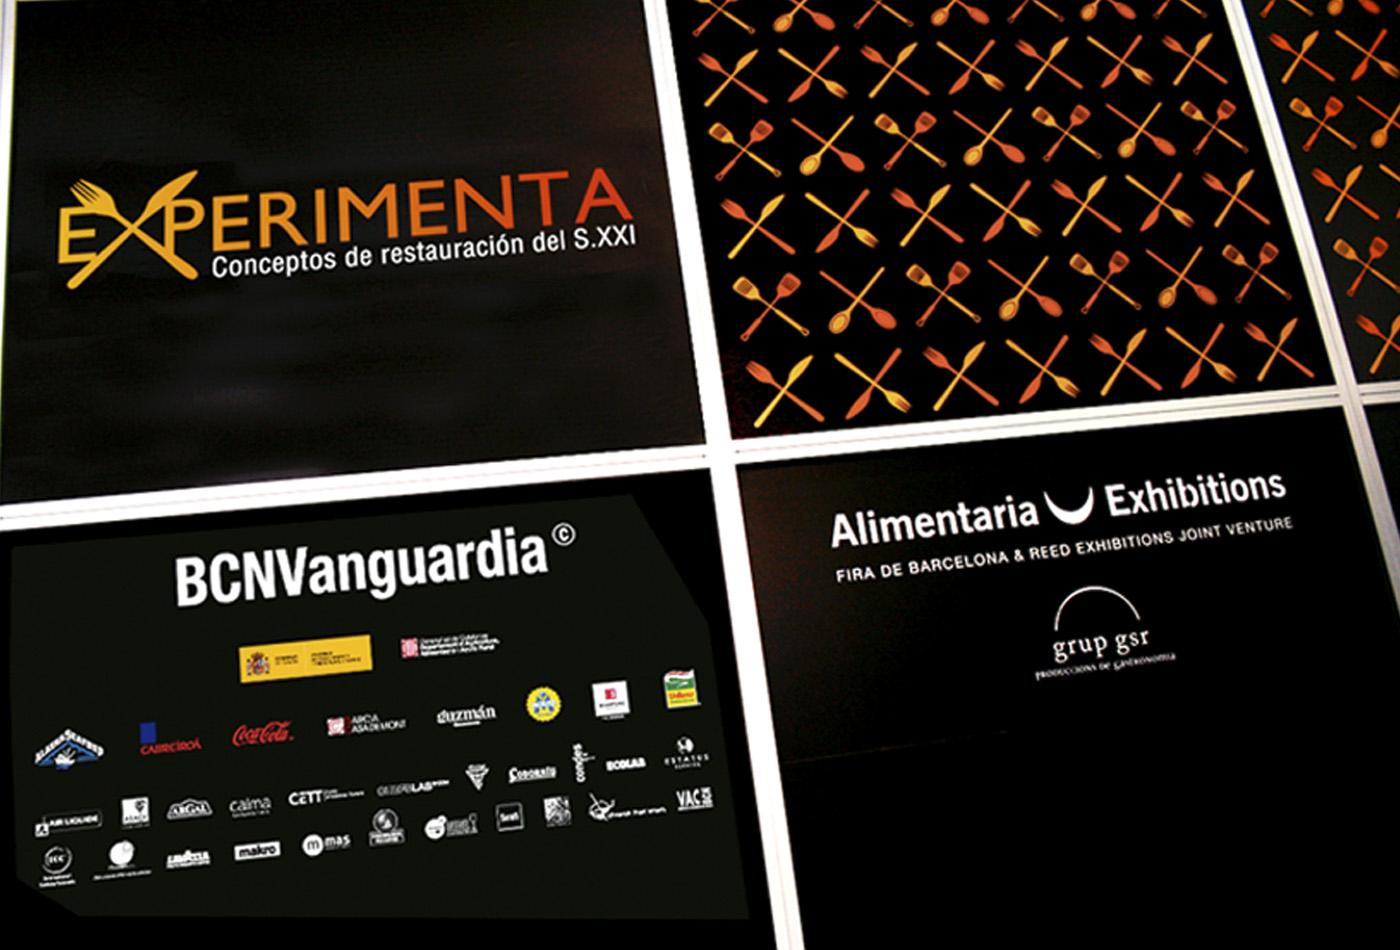 BCNVanguardia-alimentaria-gastronomia-cheff-evento-stand-creartiva-disseny